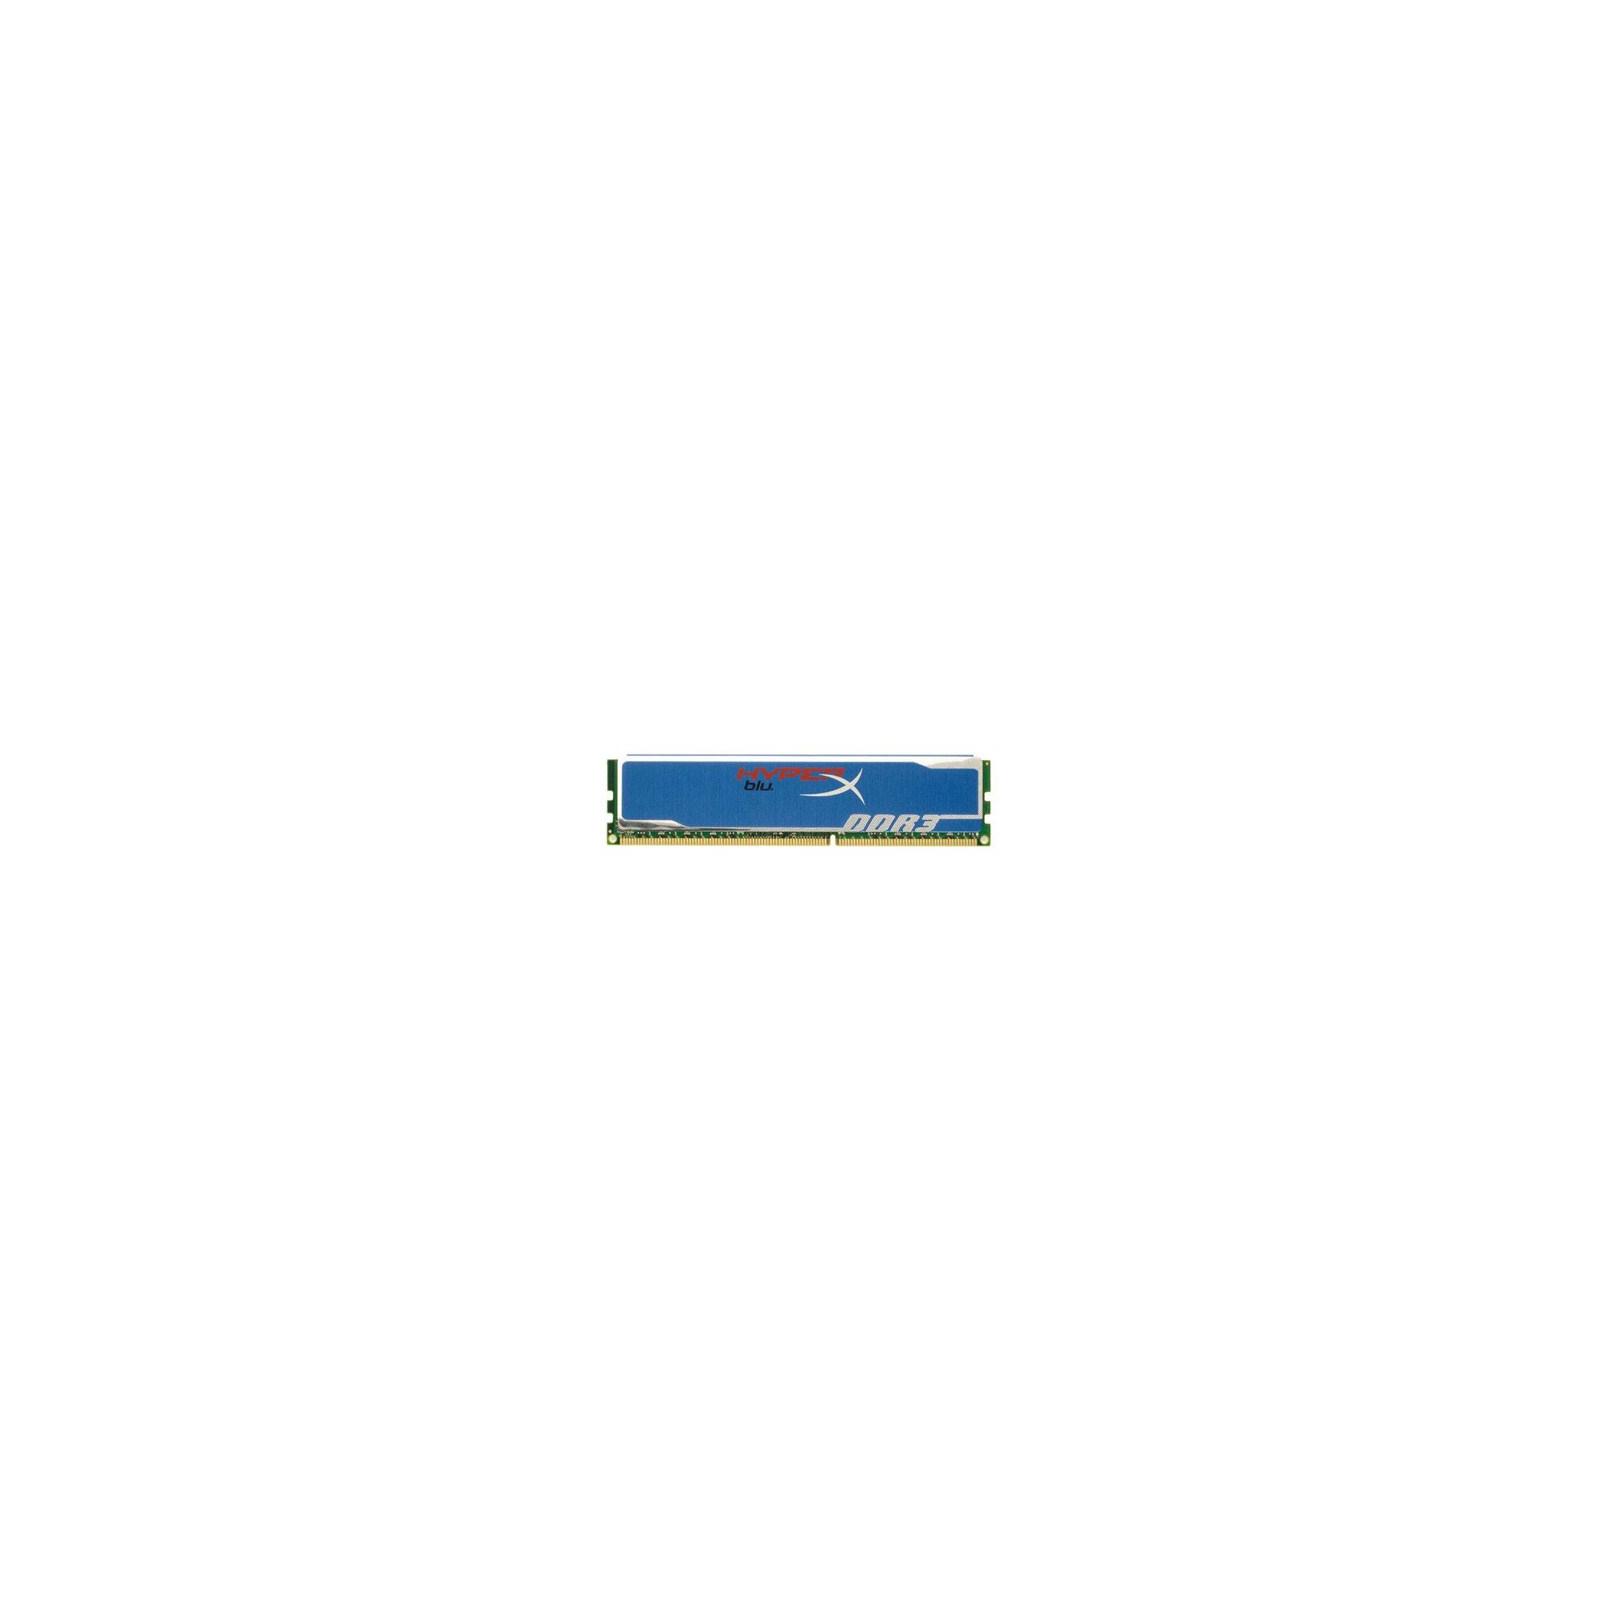 Модуль памяти для компьютера DDR3 4GB 1333 MHz Kingston (KHX1333C9D3B1/4G)